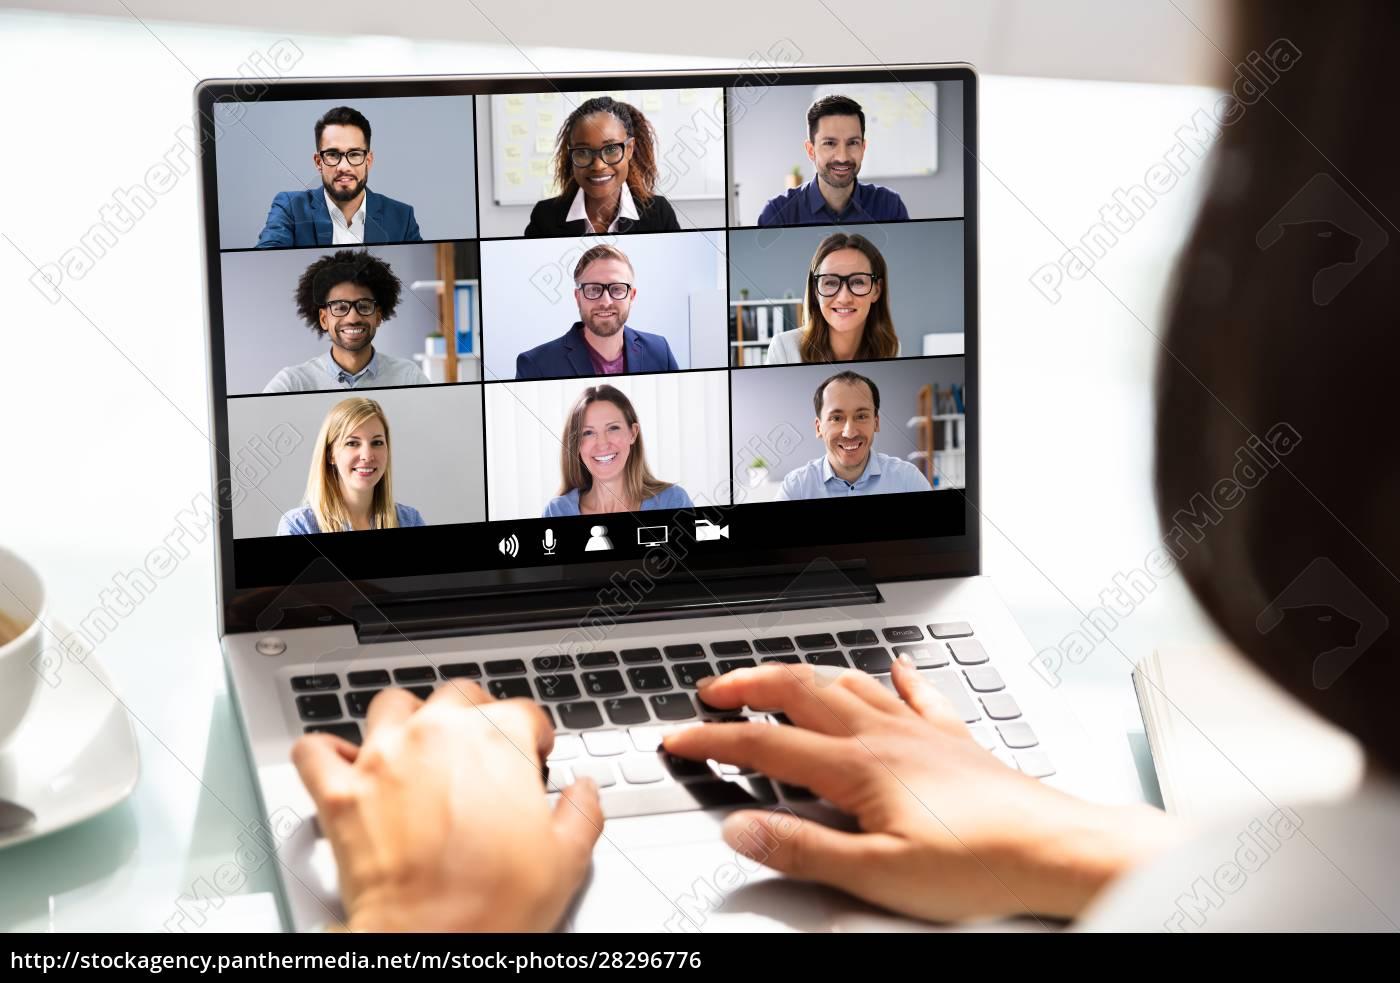 geschäftsfrau, arbeiten, mit, tabellenkalkulation, auf, laptop - 28296776